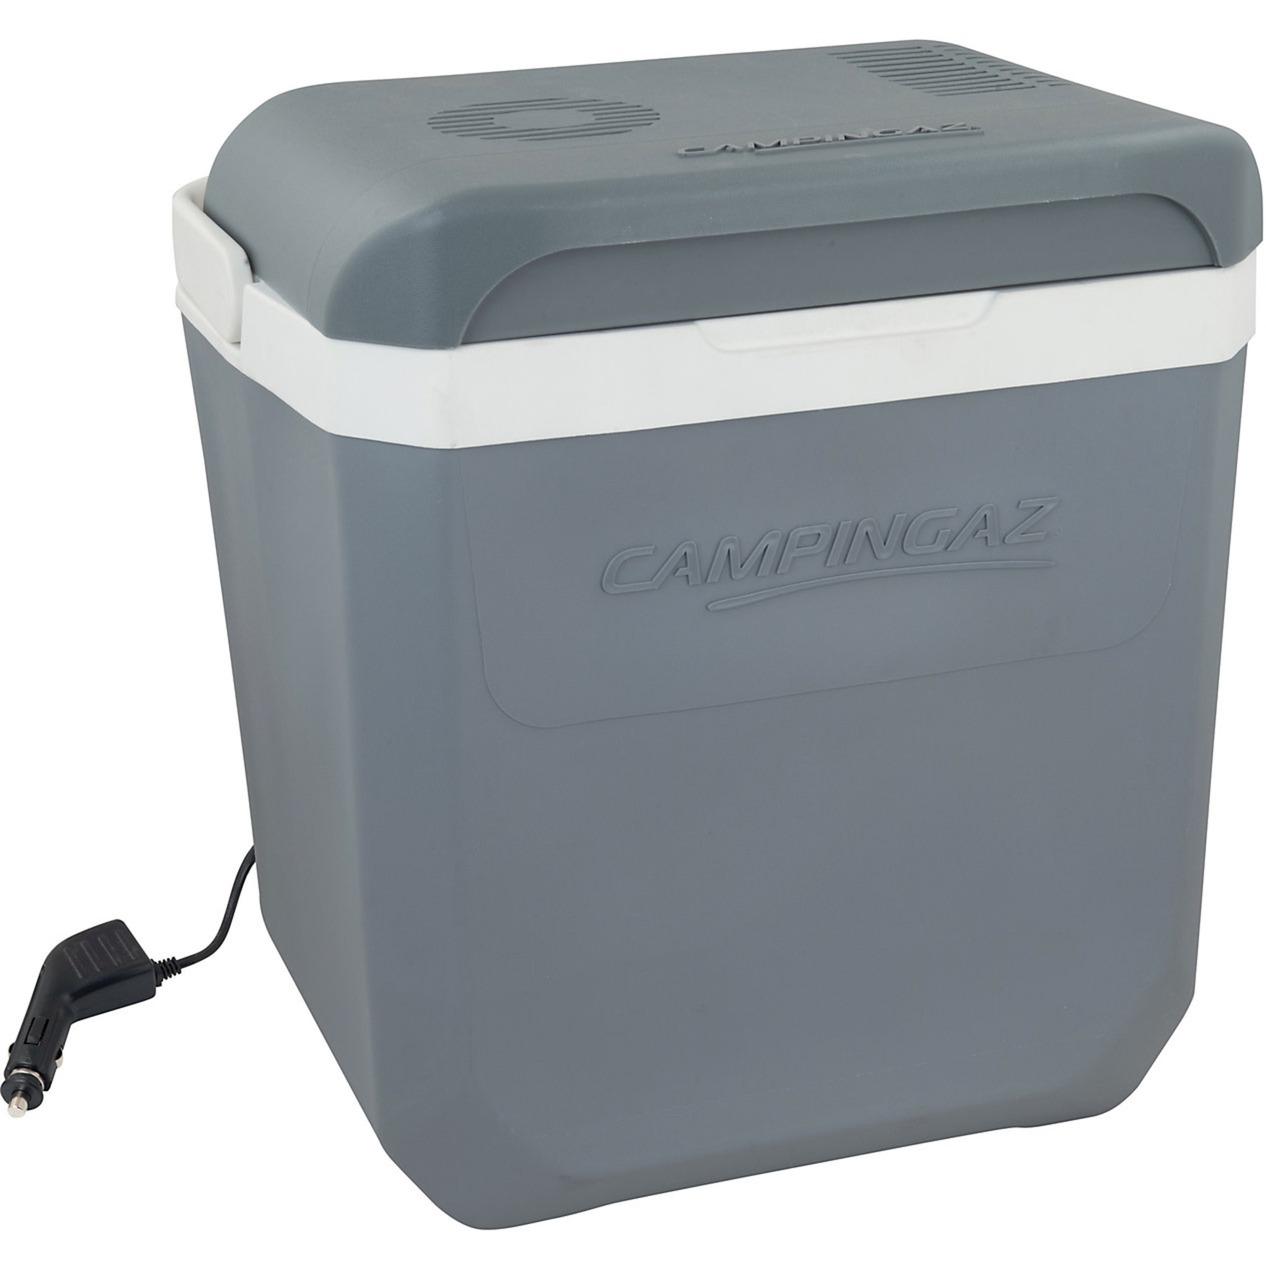 24l Grande 12v Electrico Cooler Box Camping Precios Y